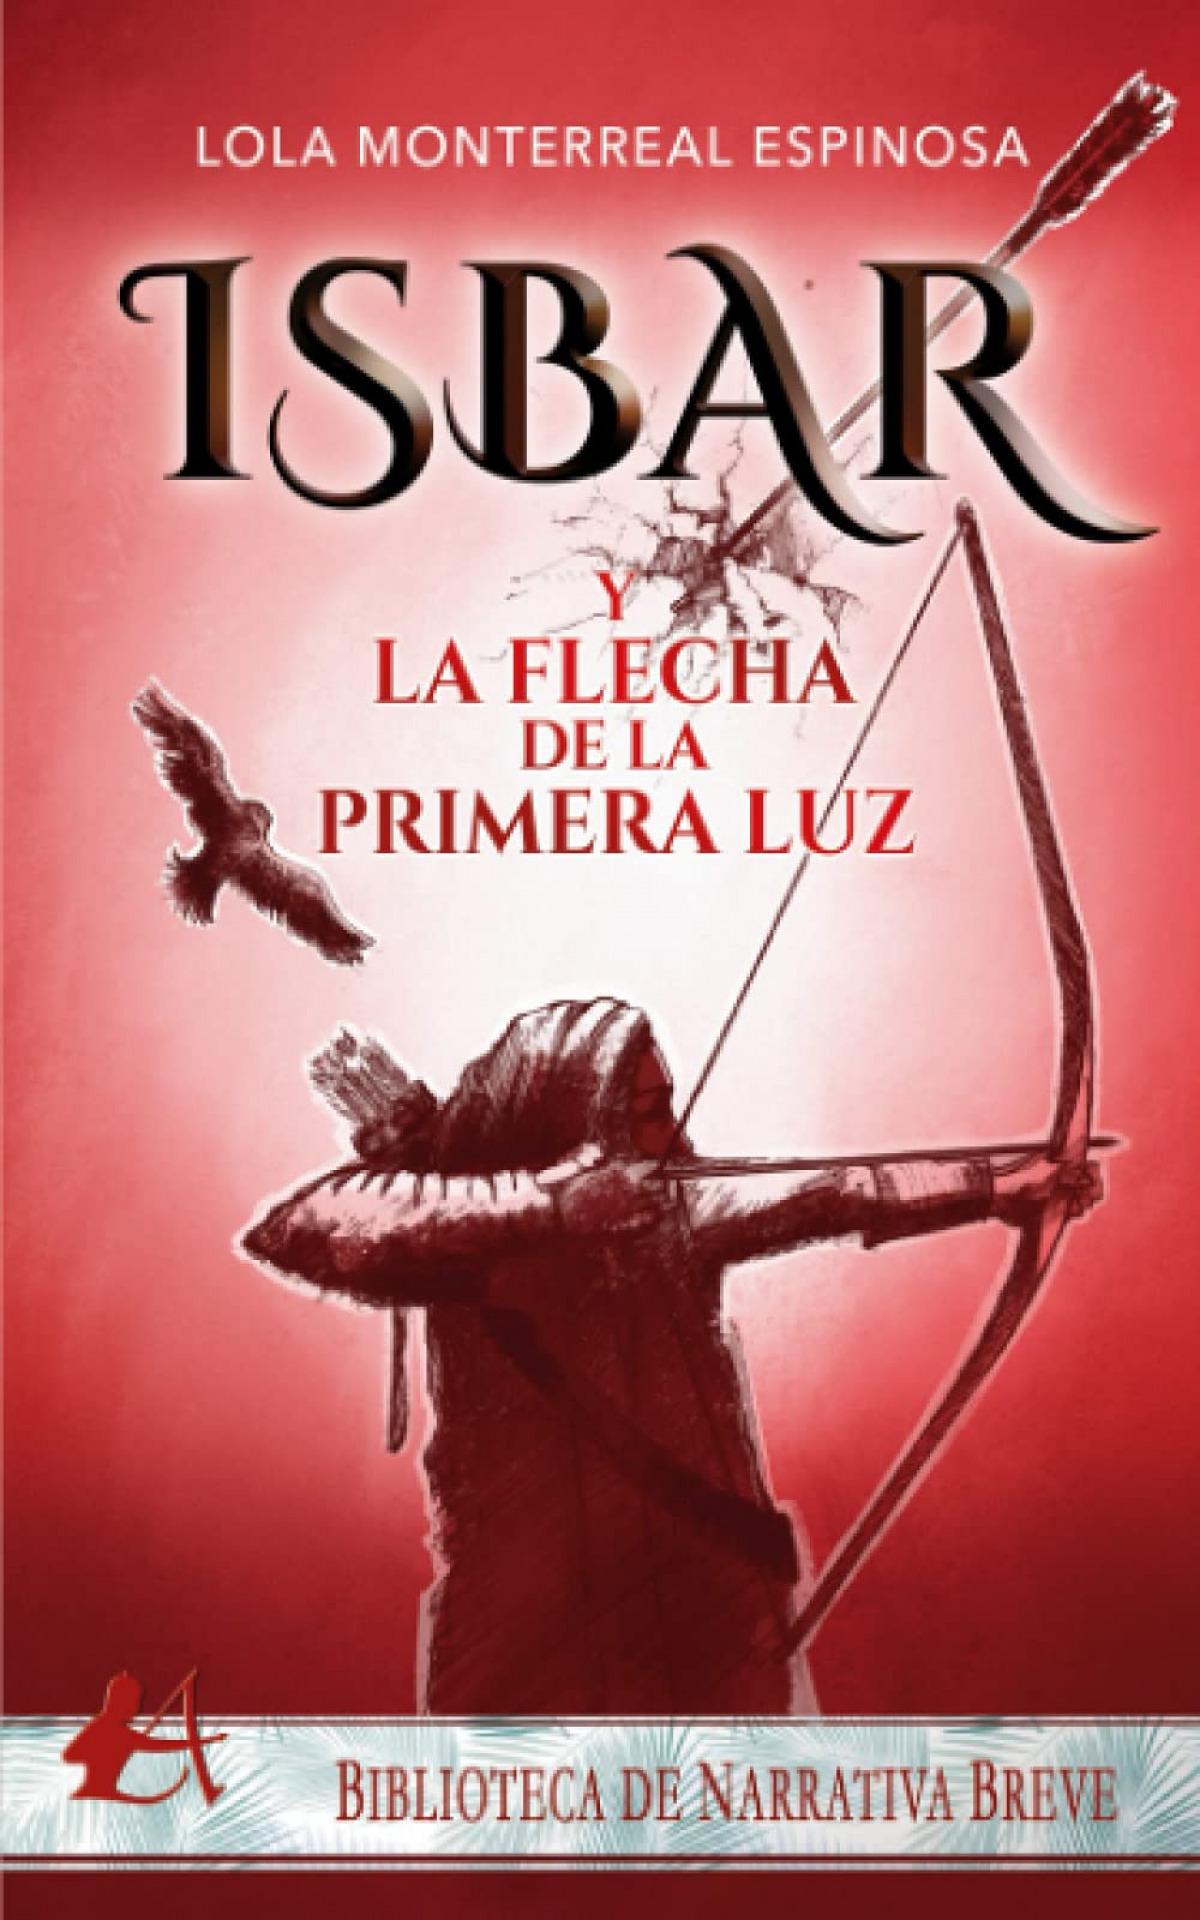 Isbar y la flecha de la primera luz